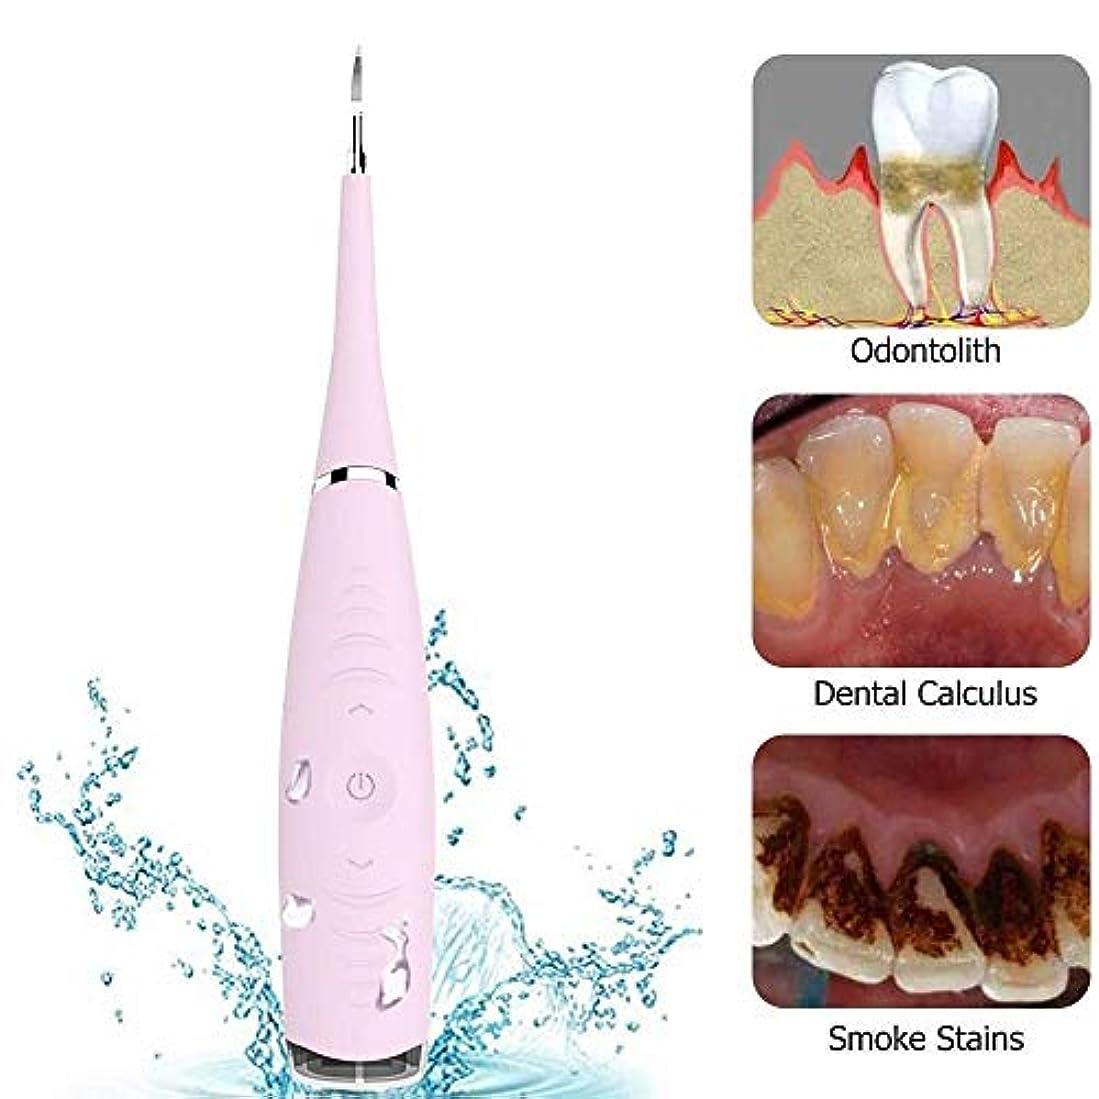 記念品円形事件、出来事電動音波歯石歯垢除去ツールキット - 歯スクレーパー歯石除去クリーナー歯の汚れ、歯垢除去、5調整可能モード